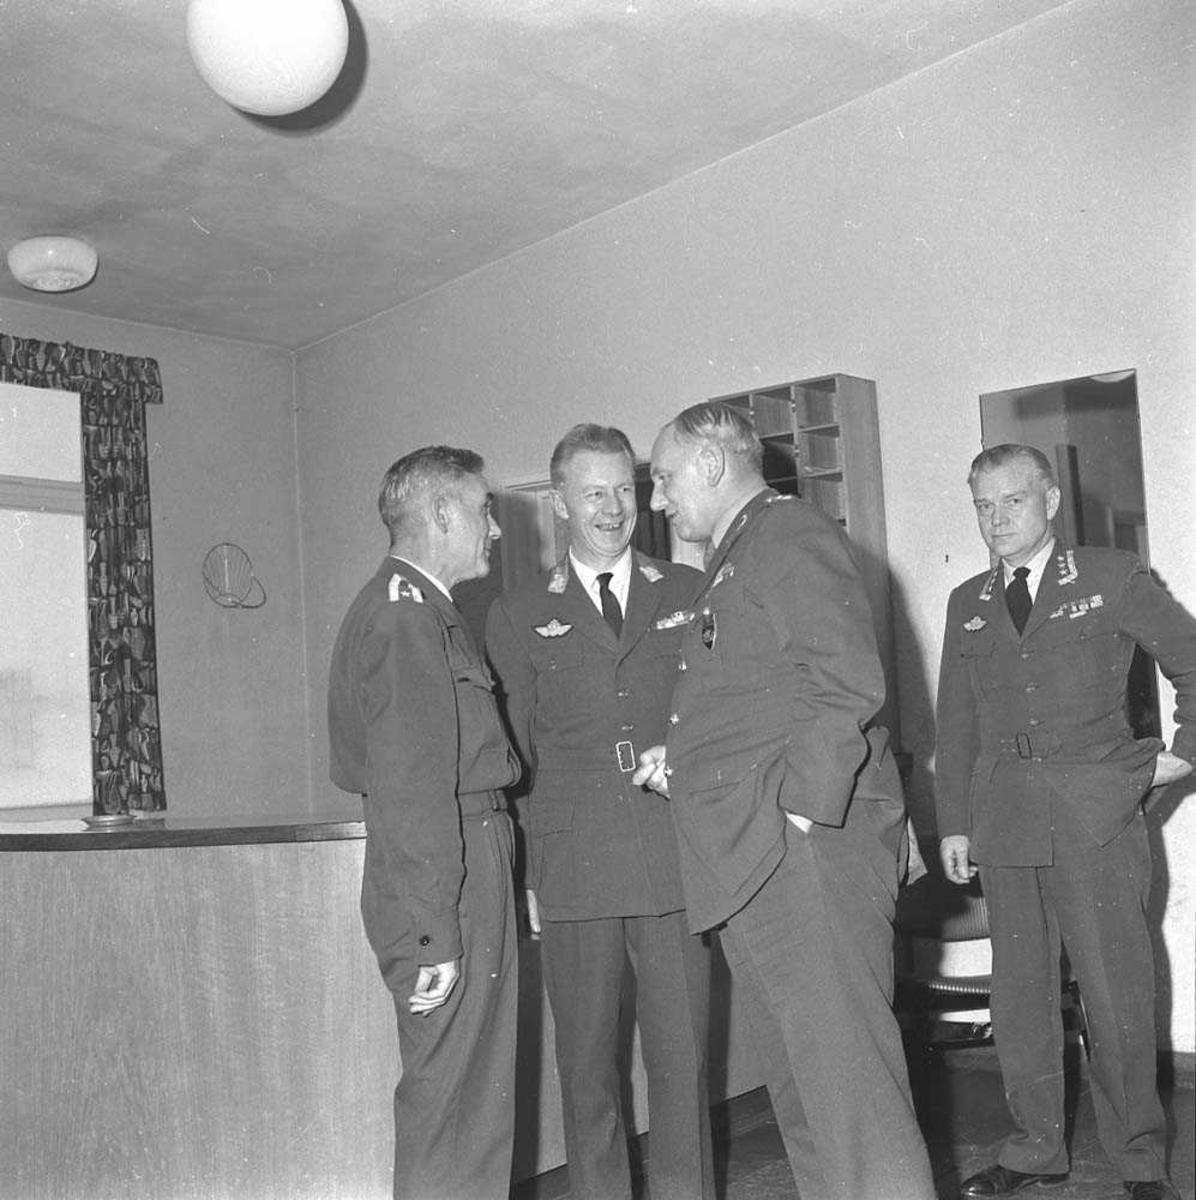 Sjefen for Kolsås besøker Bodø flystasjon. Han sees som nr. 2 fra høyre på bildet. Nr. 3 er Gen.maj R. J. Thommassen, Sjef Luftkommando Nord (LKN).